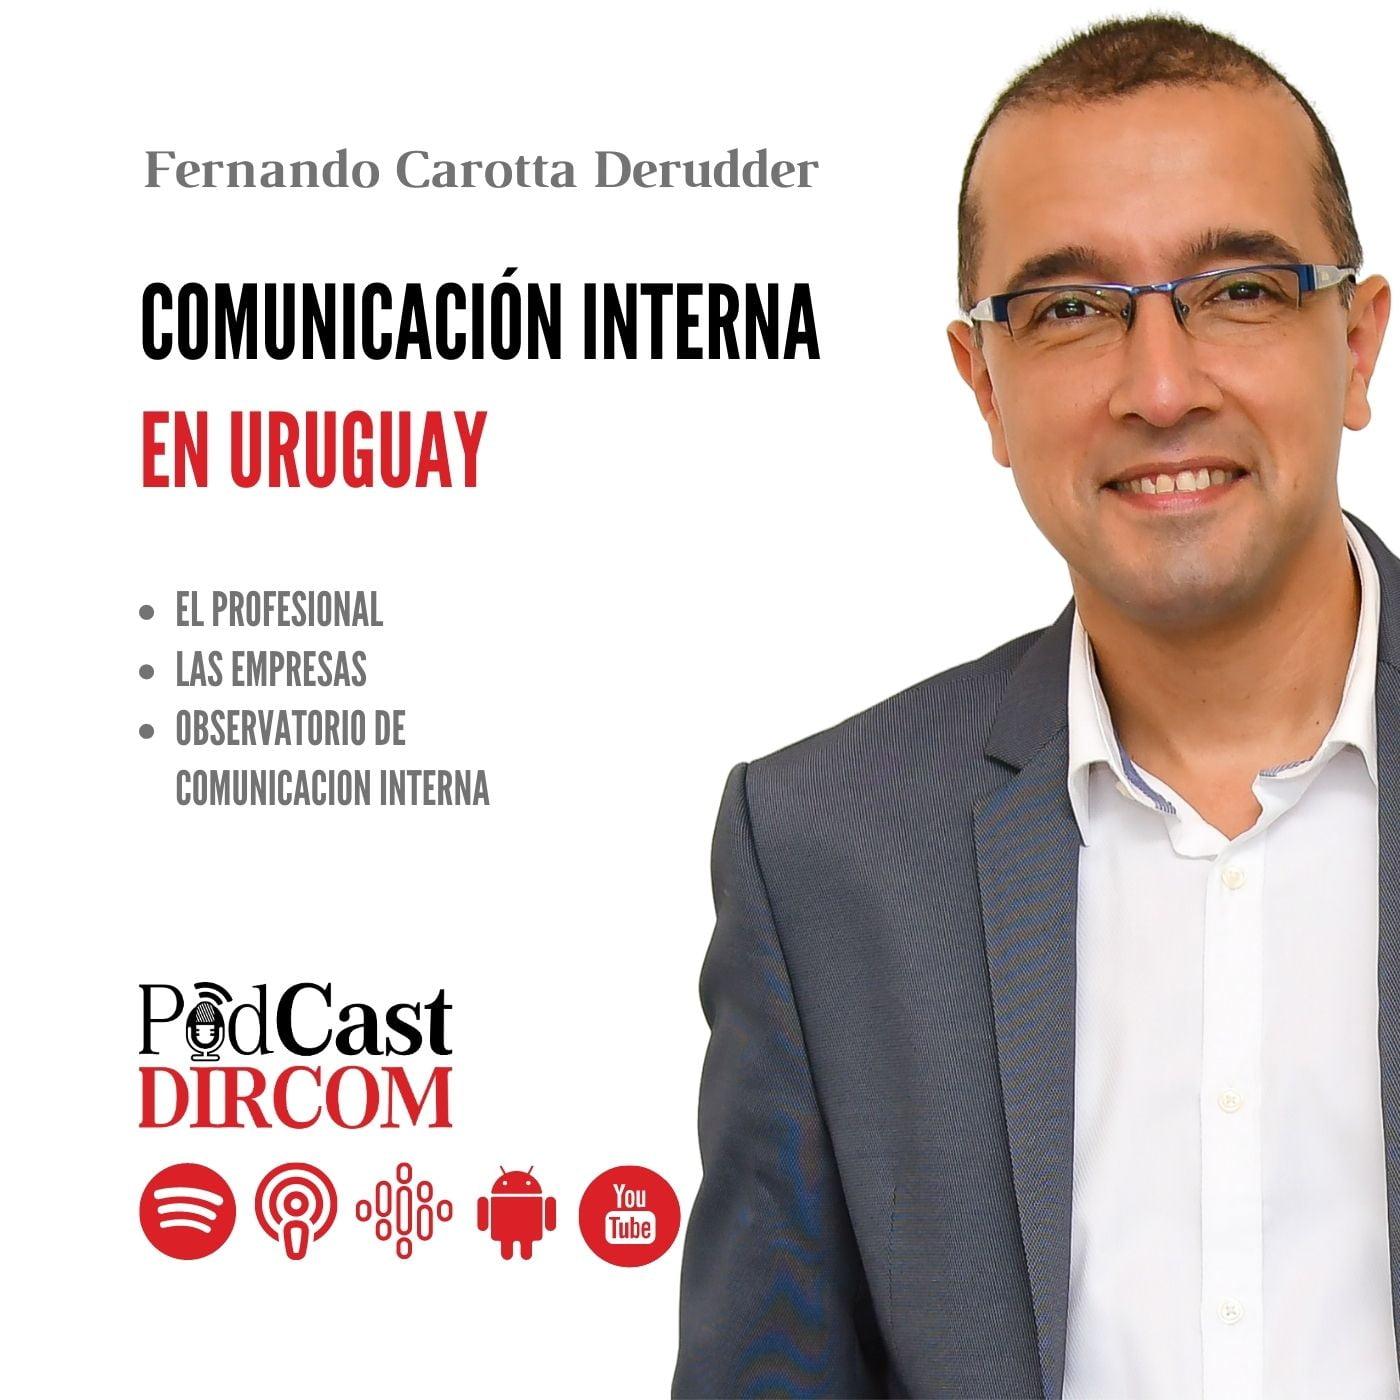 Comunicacion Interna en Uruguay